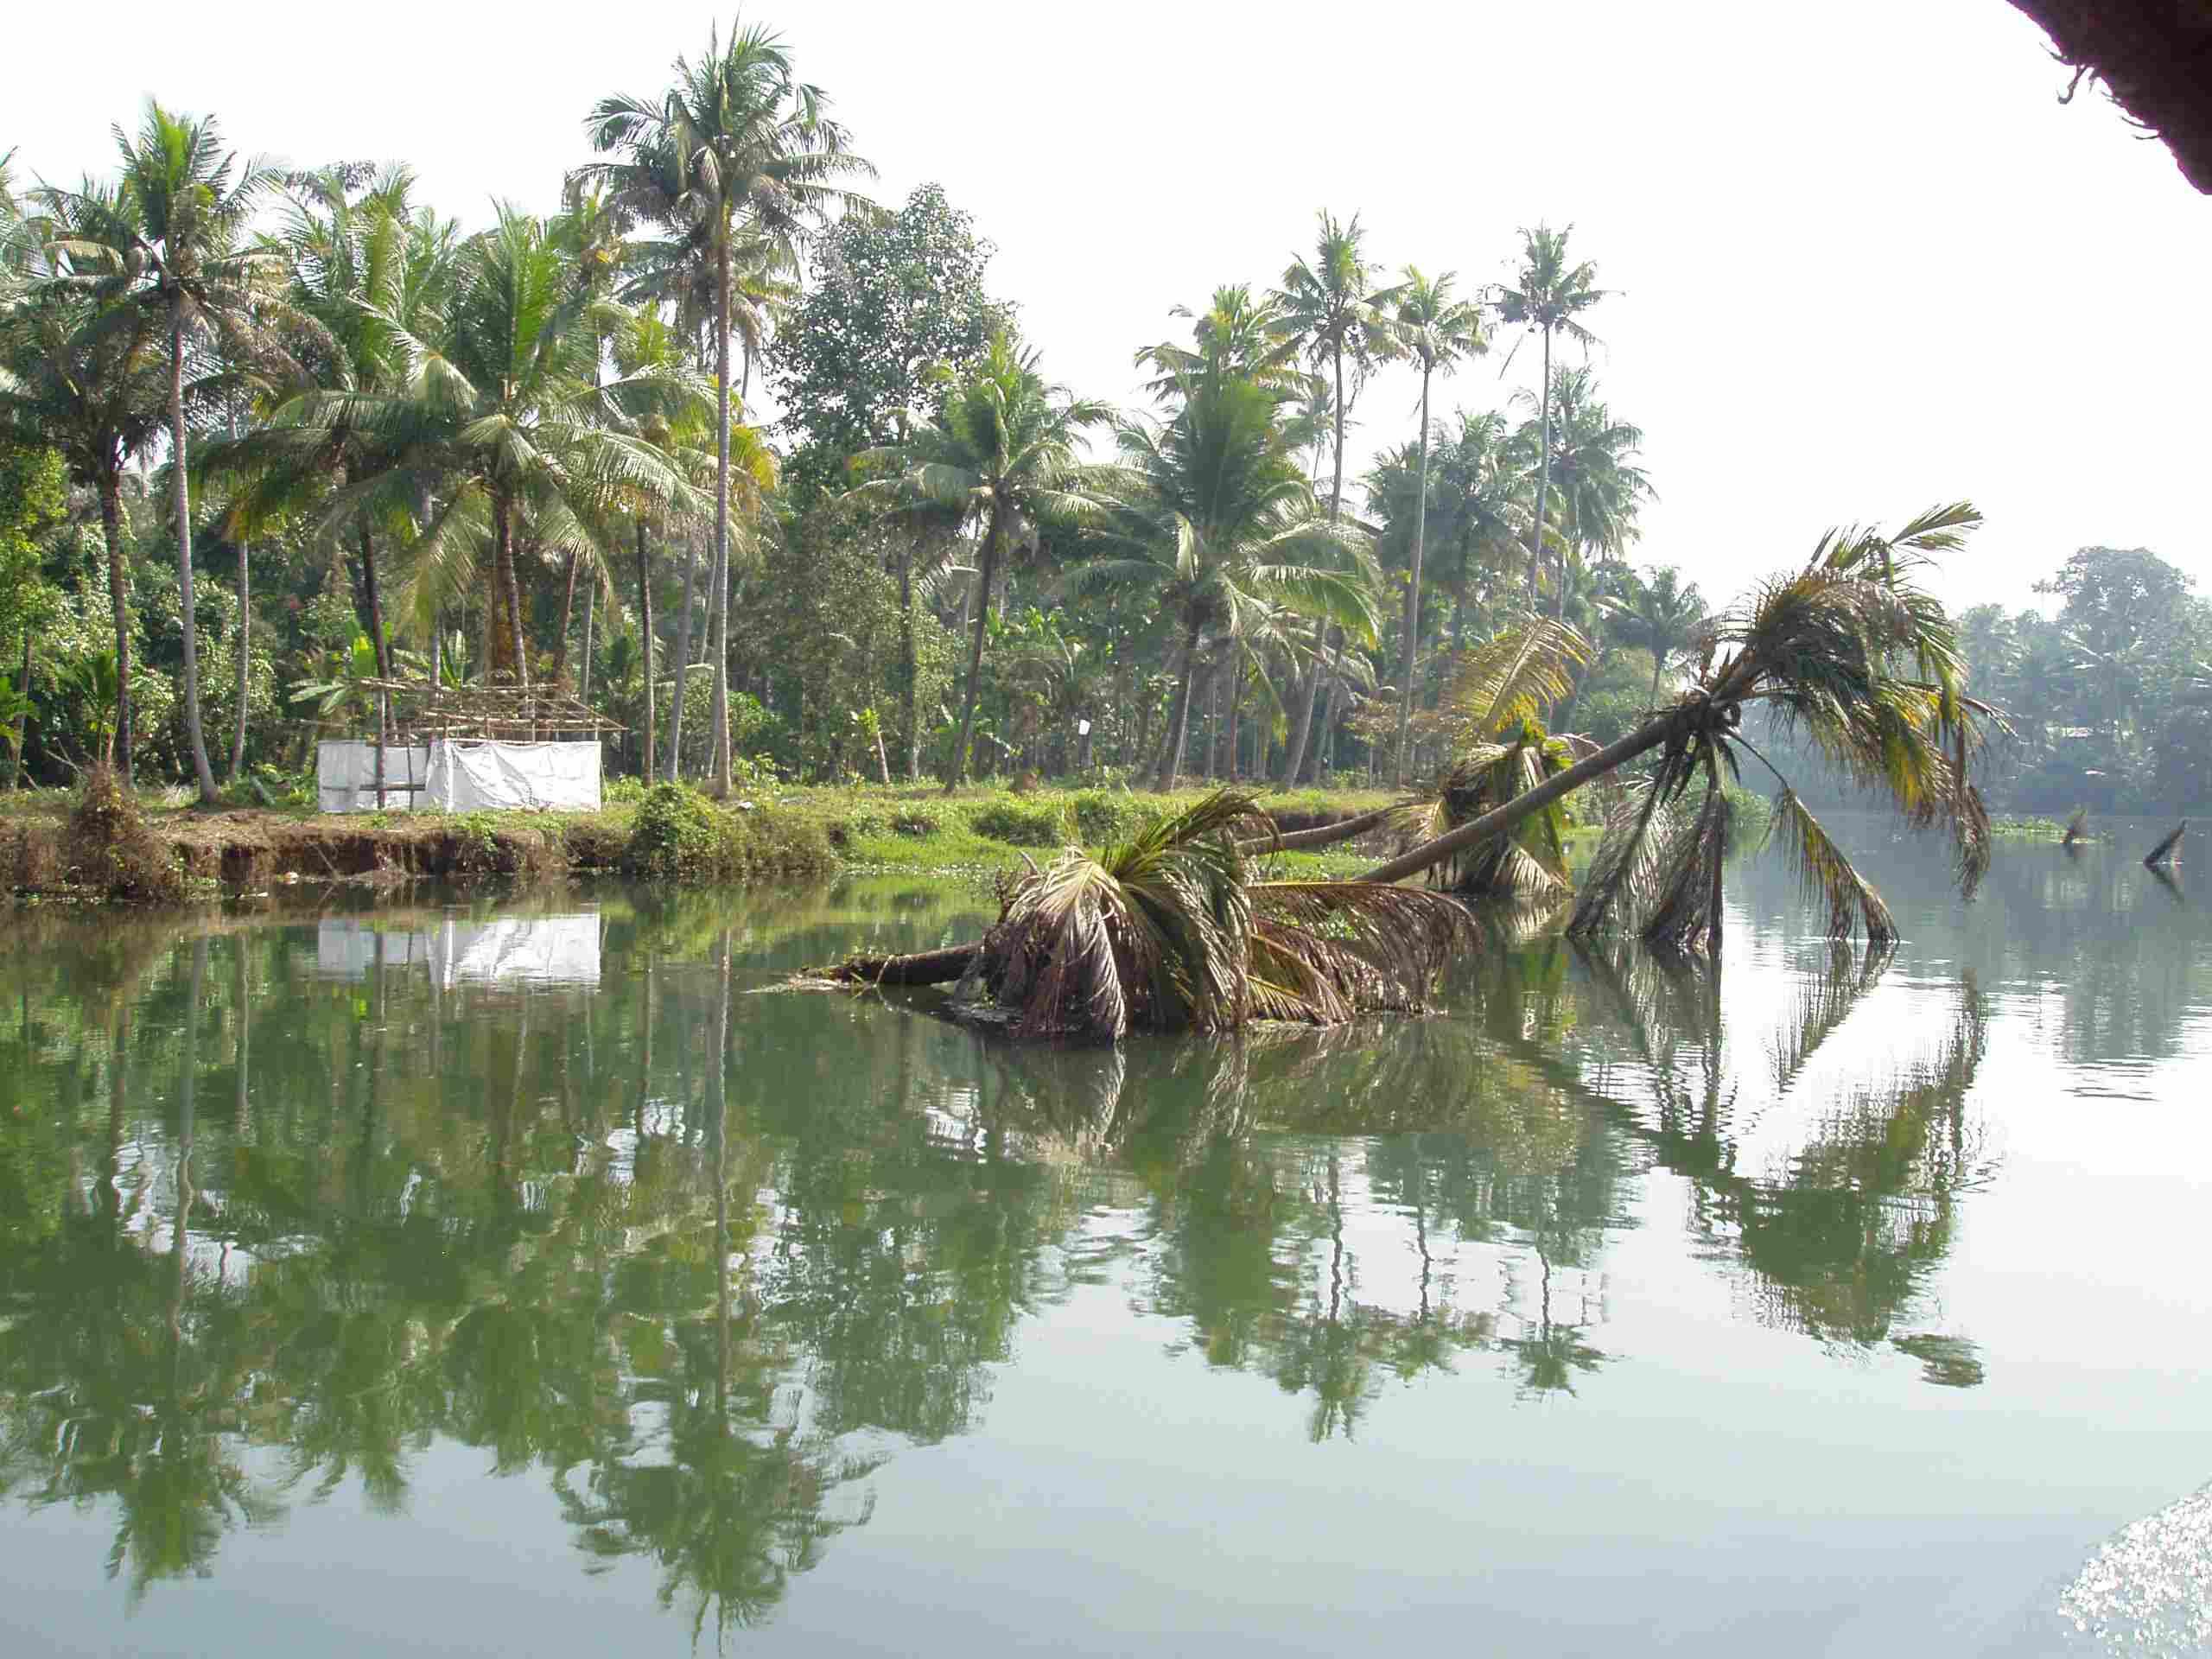 Fallen palm tree in water